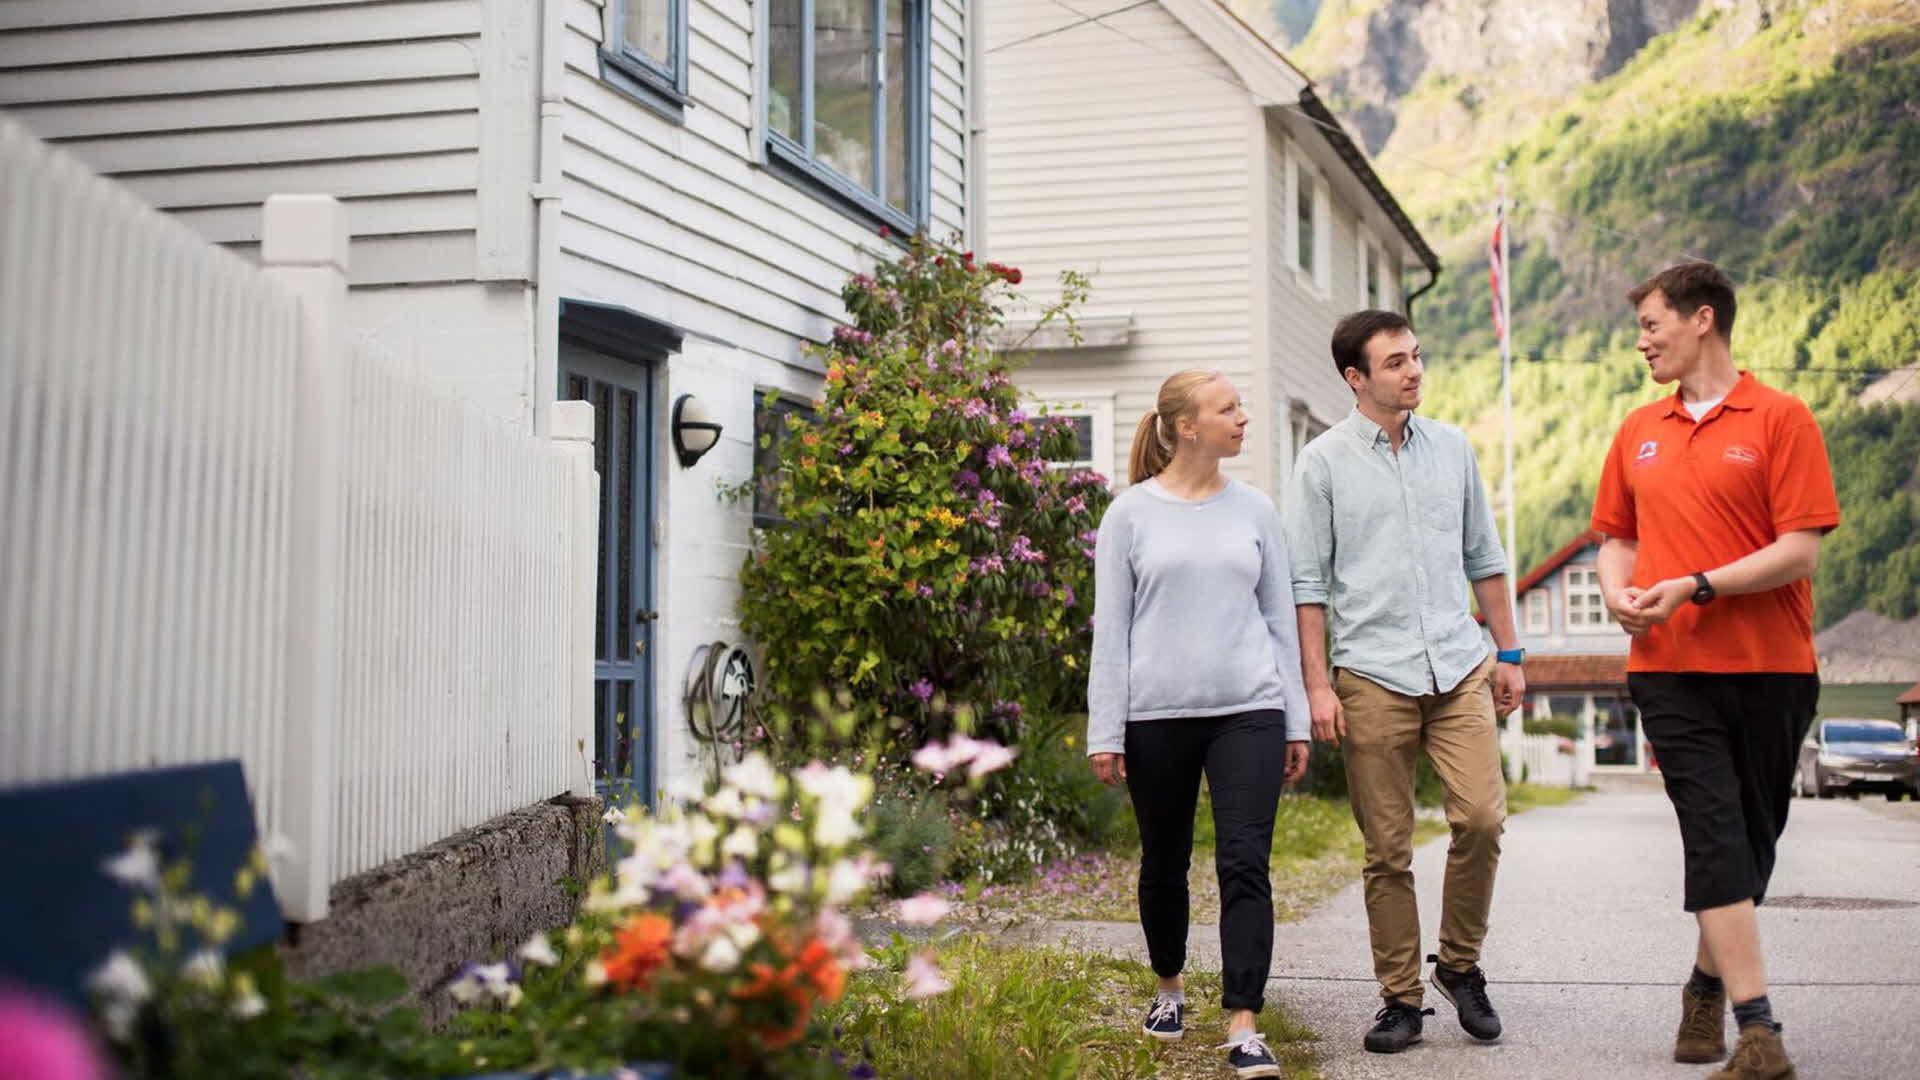 Eit ungt par og ein blid guide som går imellom dei idylliske kvitmalte gamle husa i Undredal ein solskinnsdag